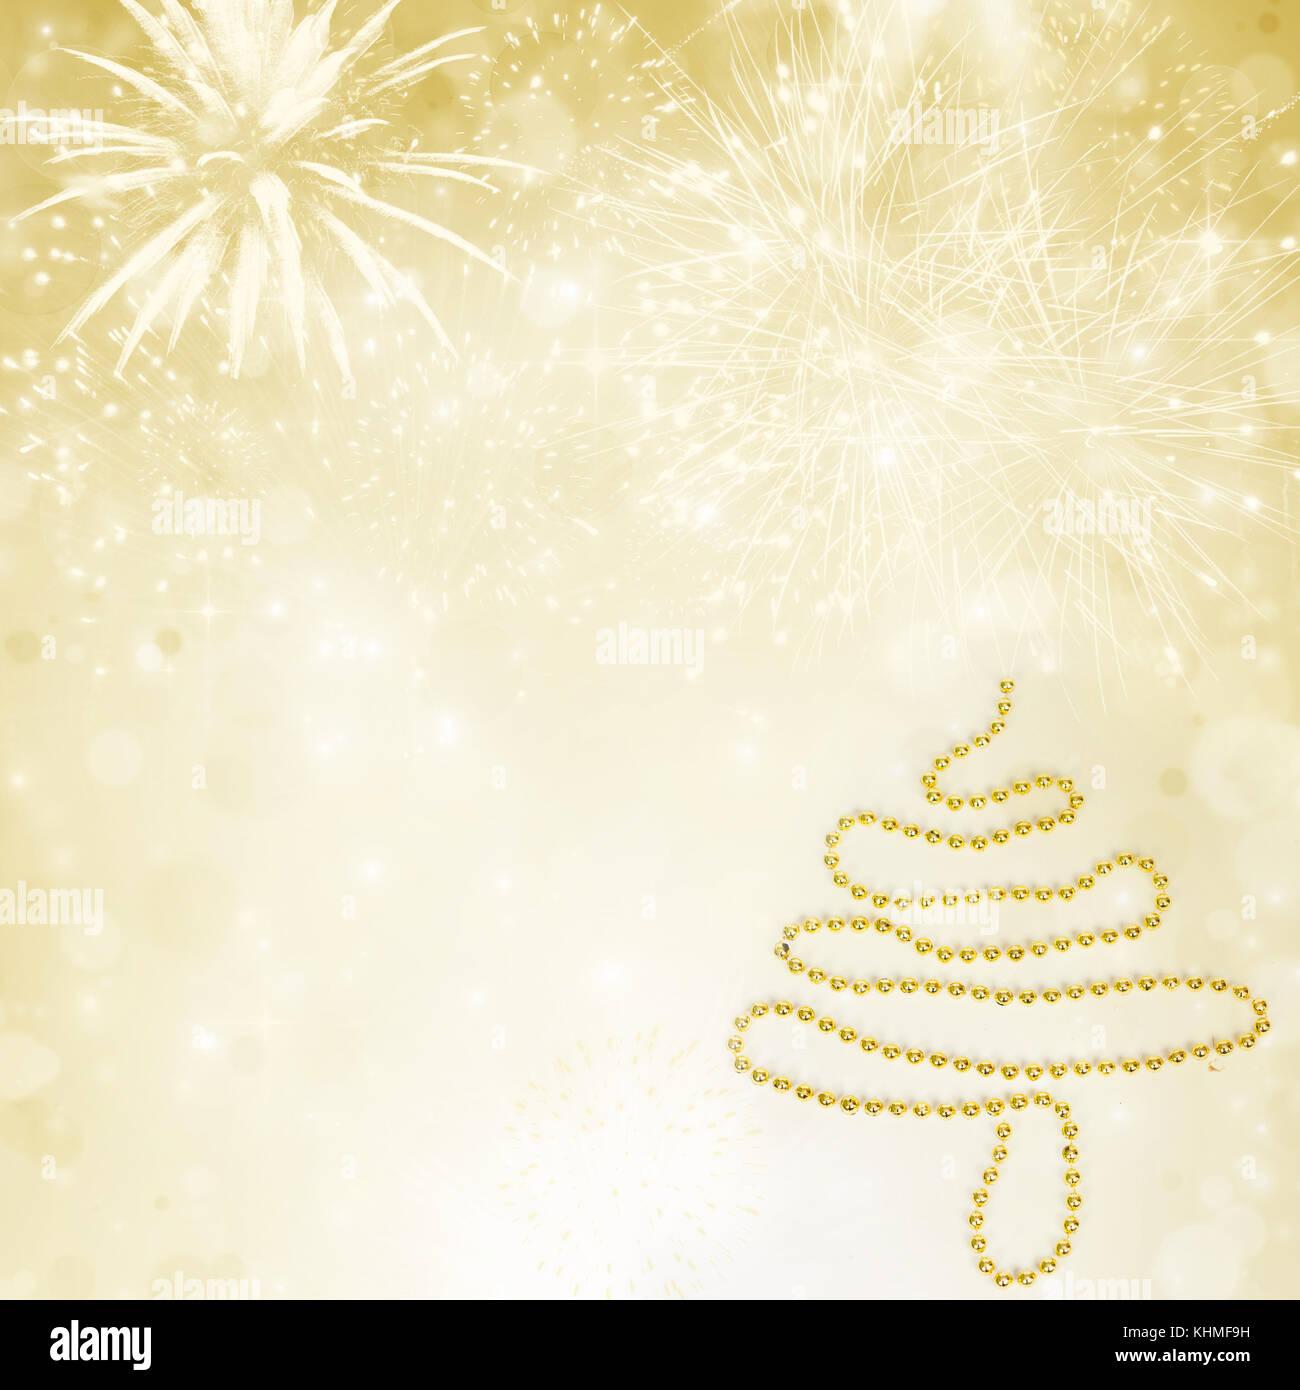 decorative golden glitter holiday frame stockfotos. Black Bedroom Furniture Sets. Home Design Ideas